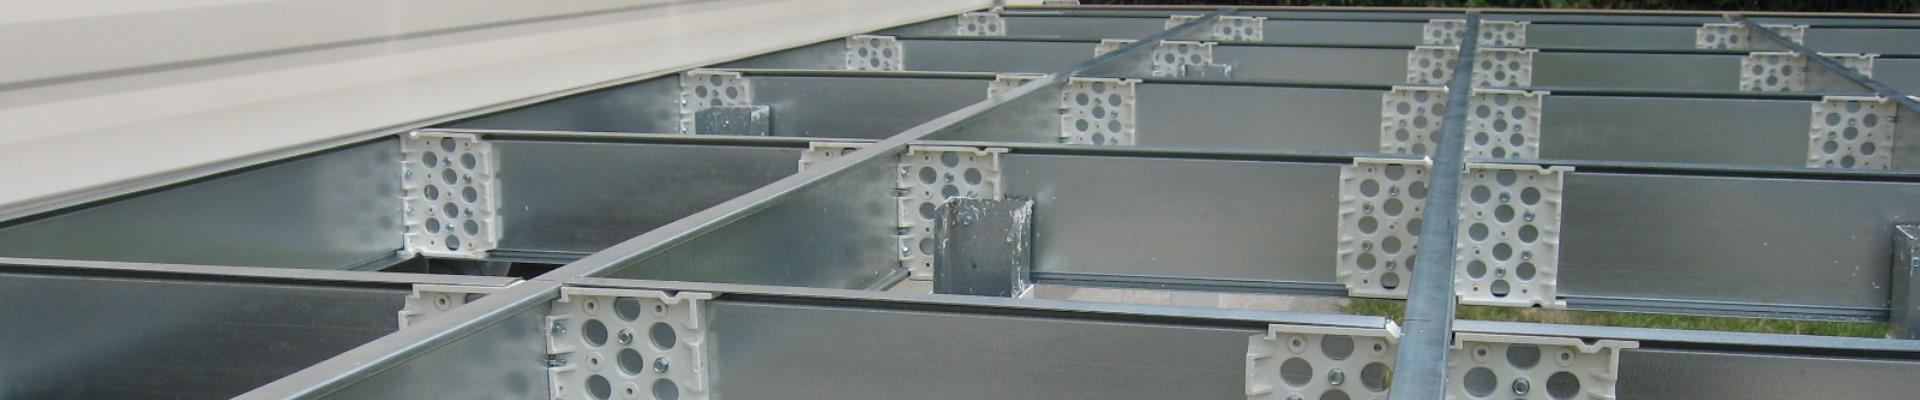 Subframe slider 1